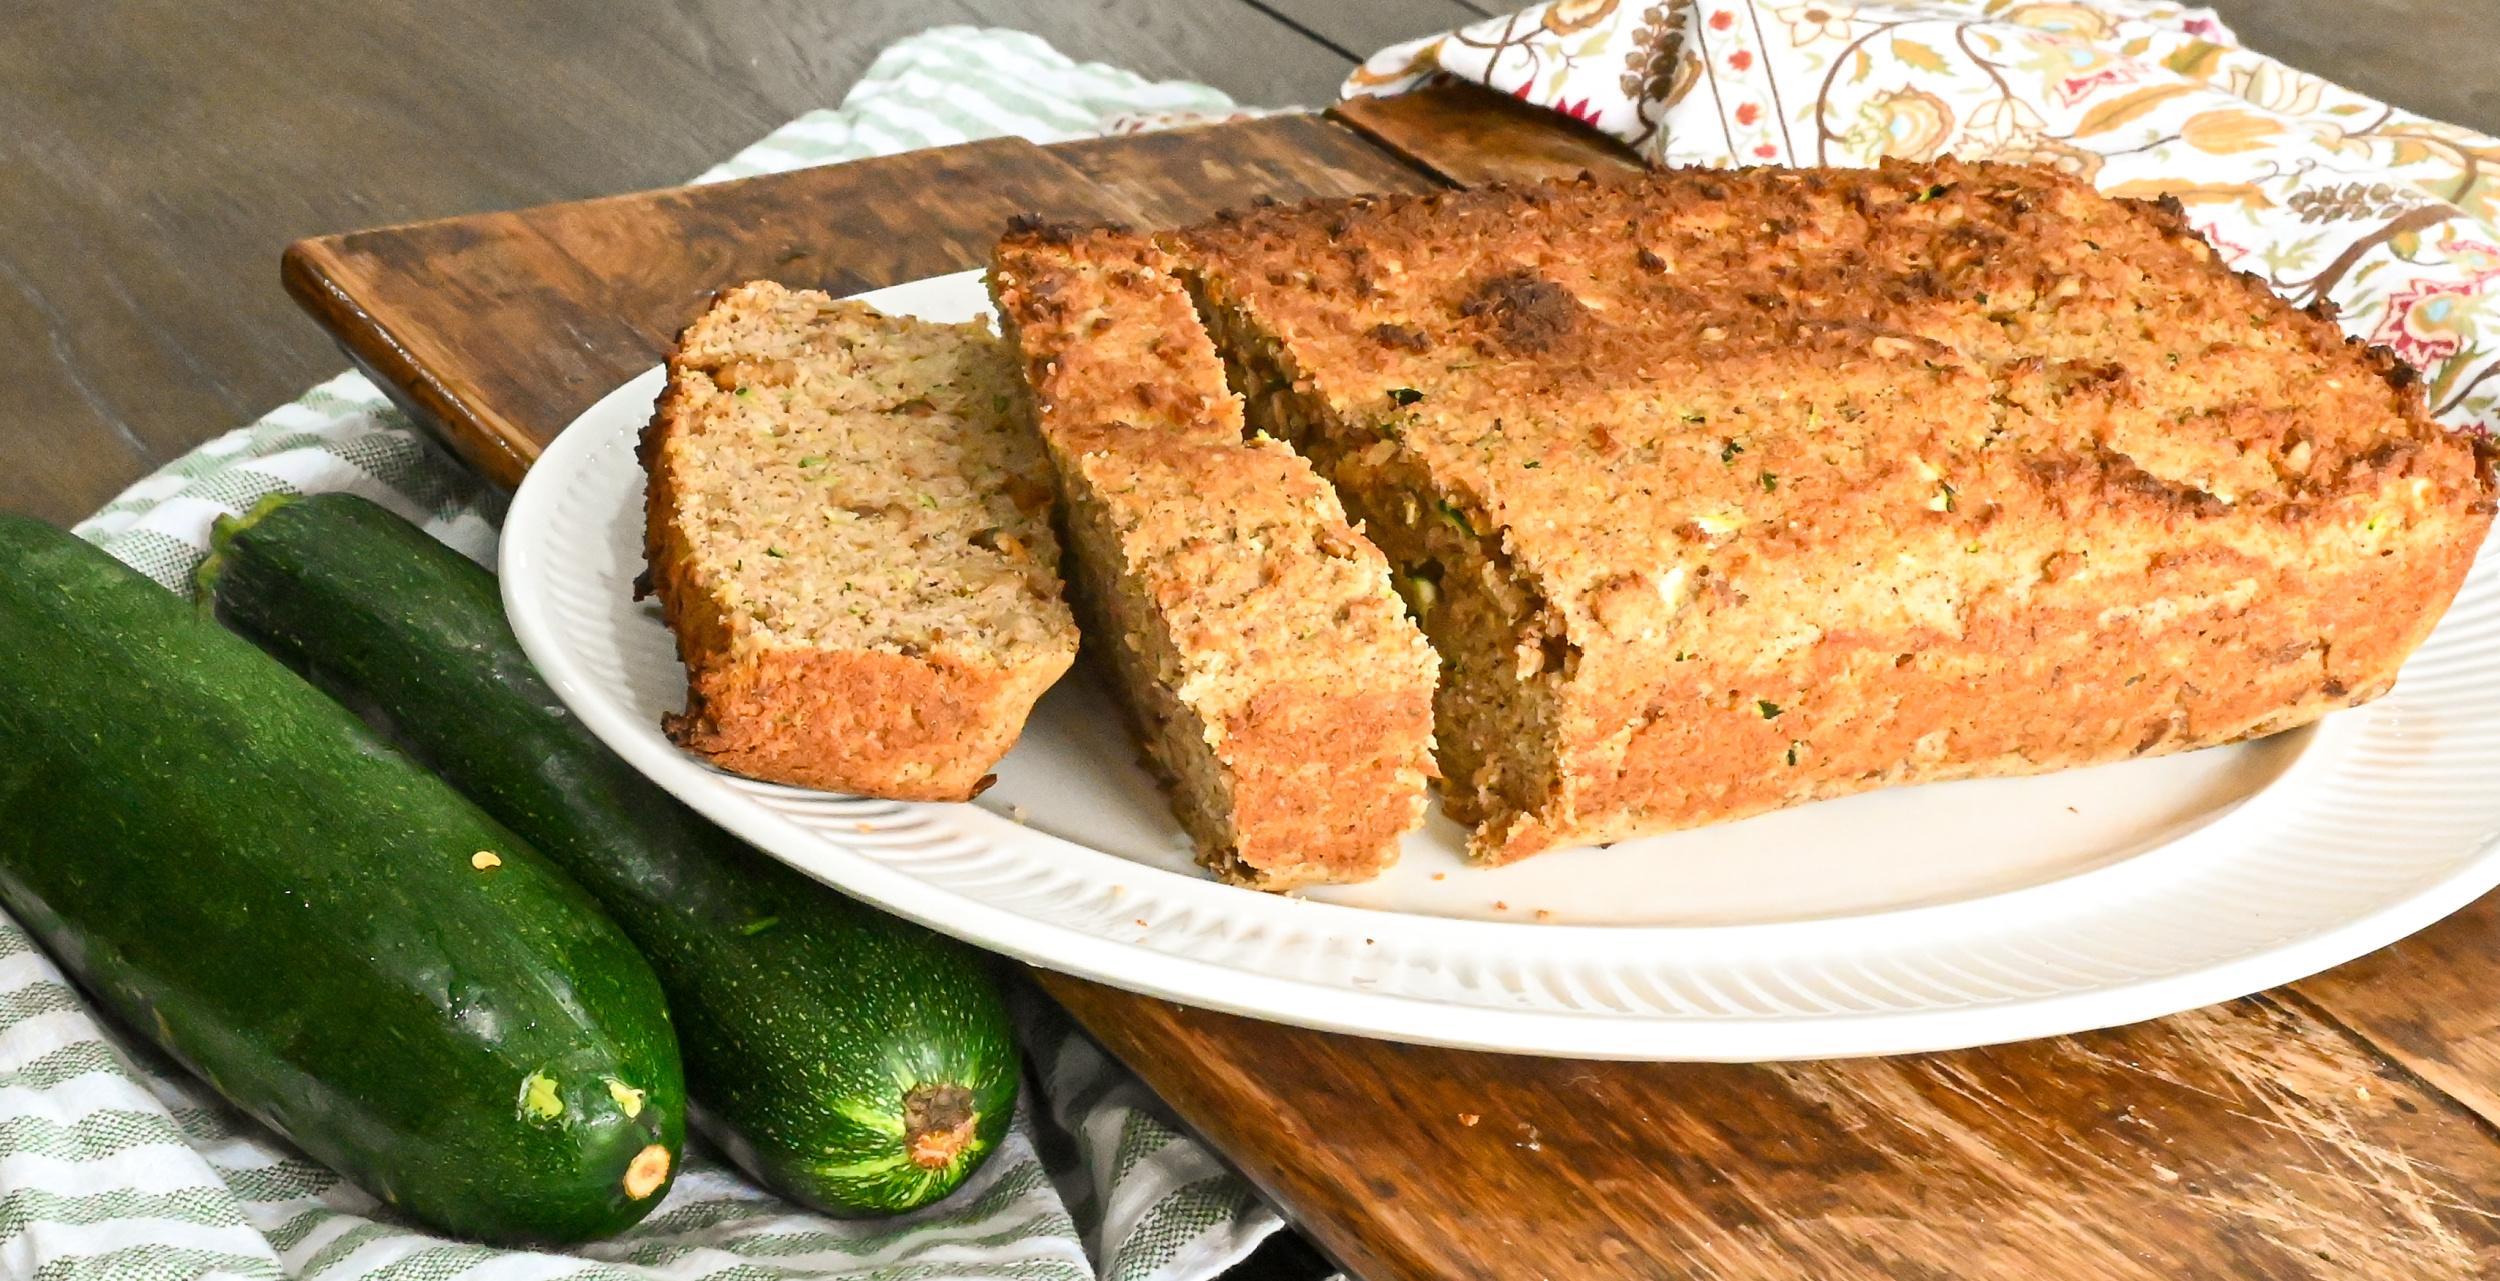 keto zucchini bread display